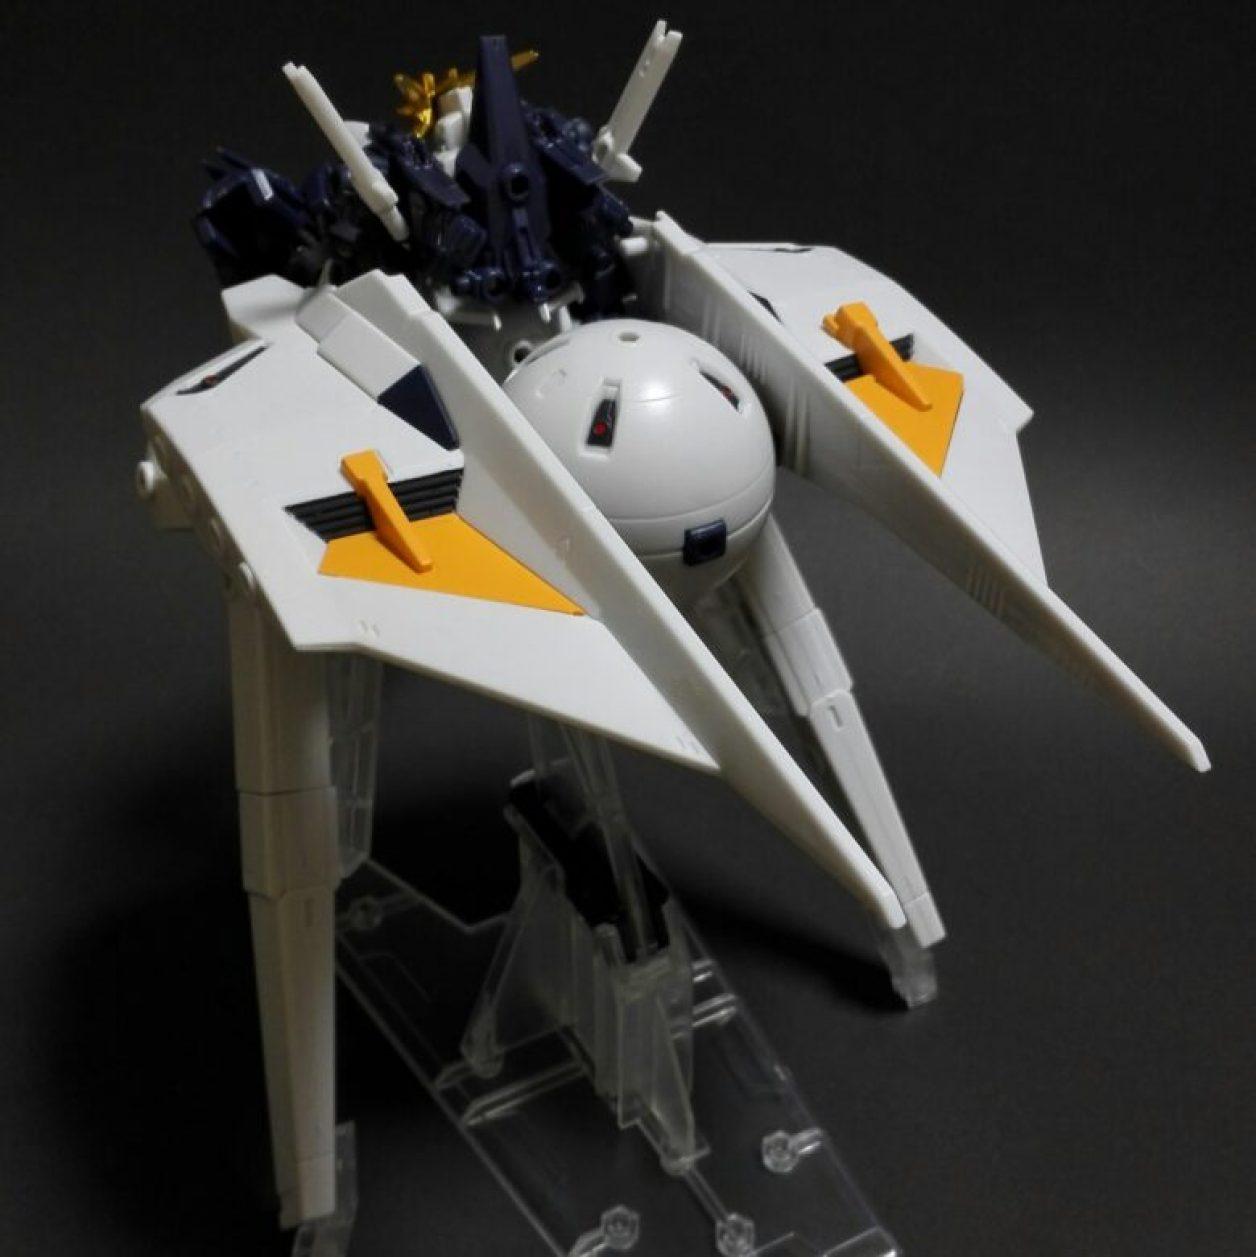 MOBILE SUIT ENSEMBLE(モビルスーツアンサンブル) EX09弾のガンダム TR-6「インレ」のレビューより下部構成ユニットである「ガンダム TR-6[ダンディライアンII]」(侵攻・殲滅形態)の画像